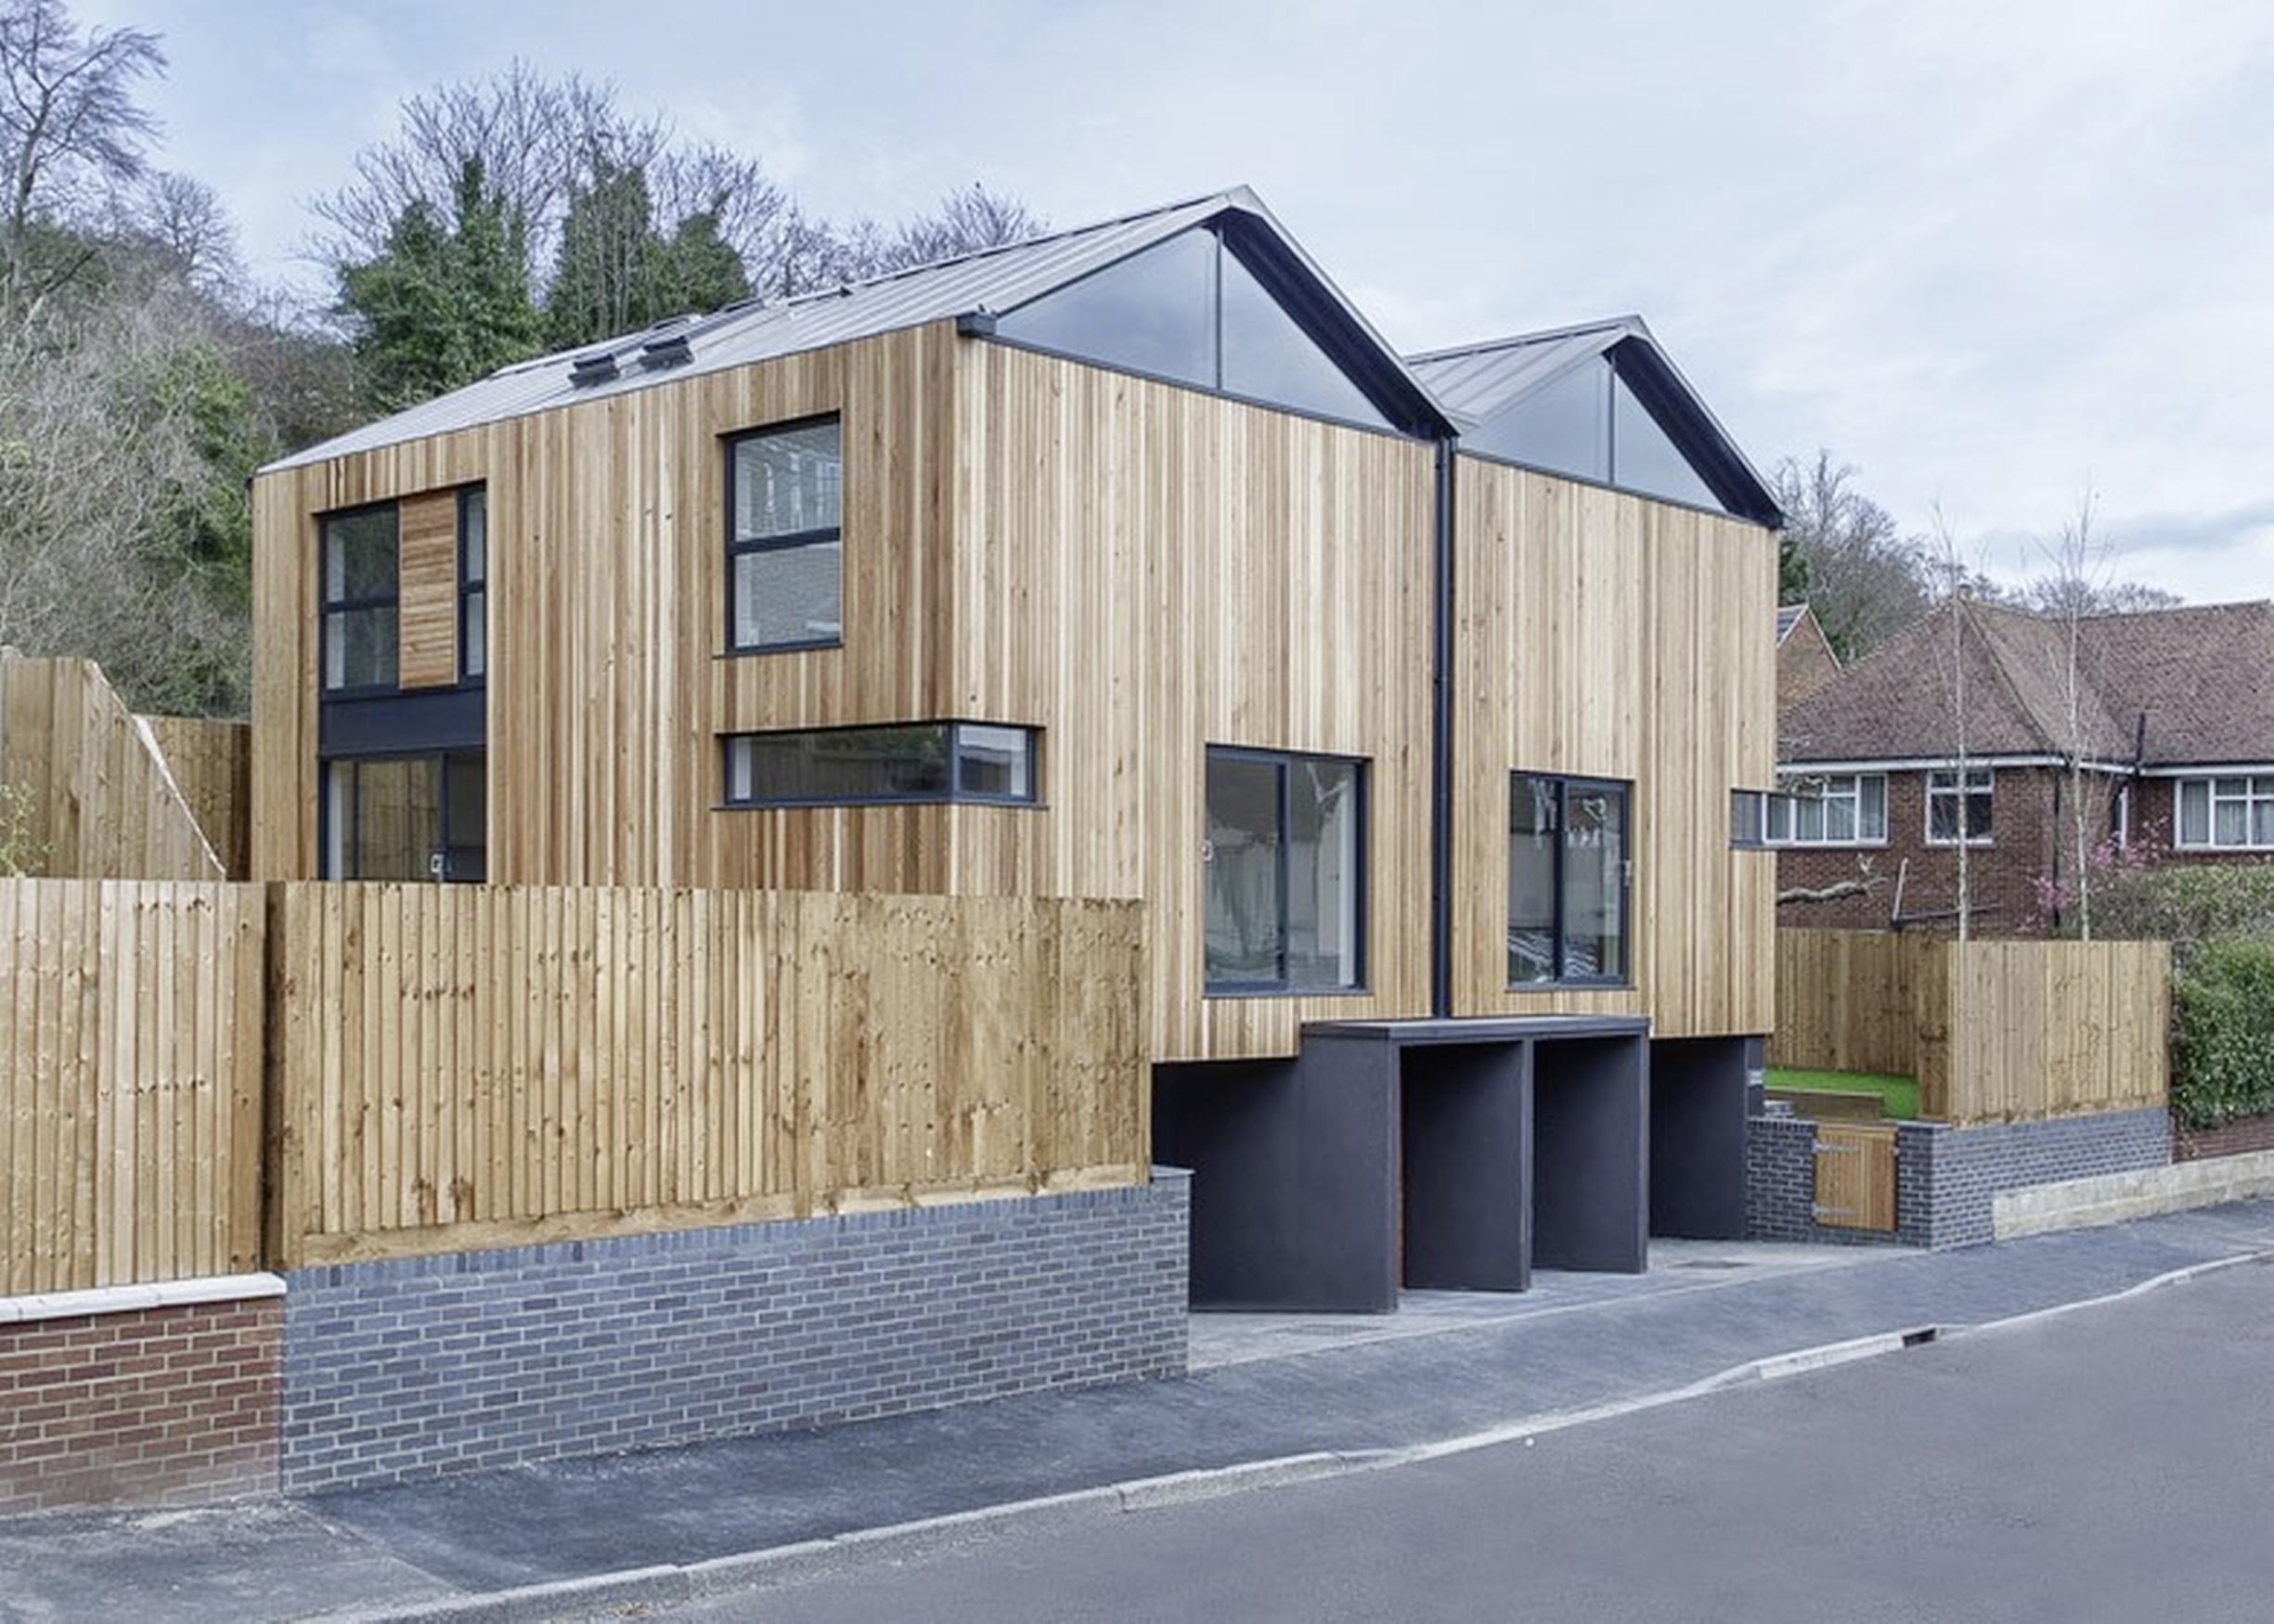 Plan voor 25 starterswoningen aan het Zuideinde in Landsmeer. Modern met hout of Waterlandse gevels? Bewoners mogen kiezen